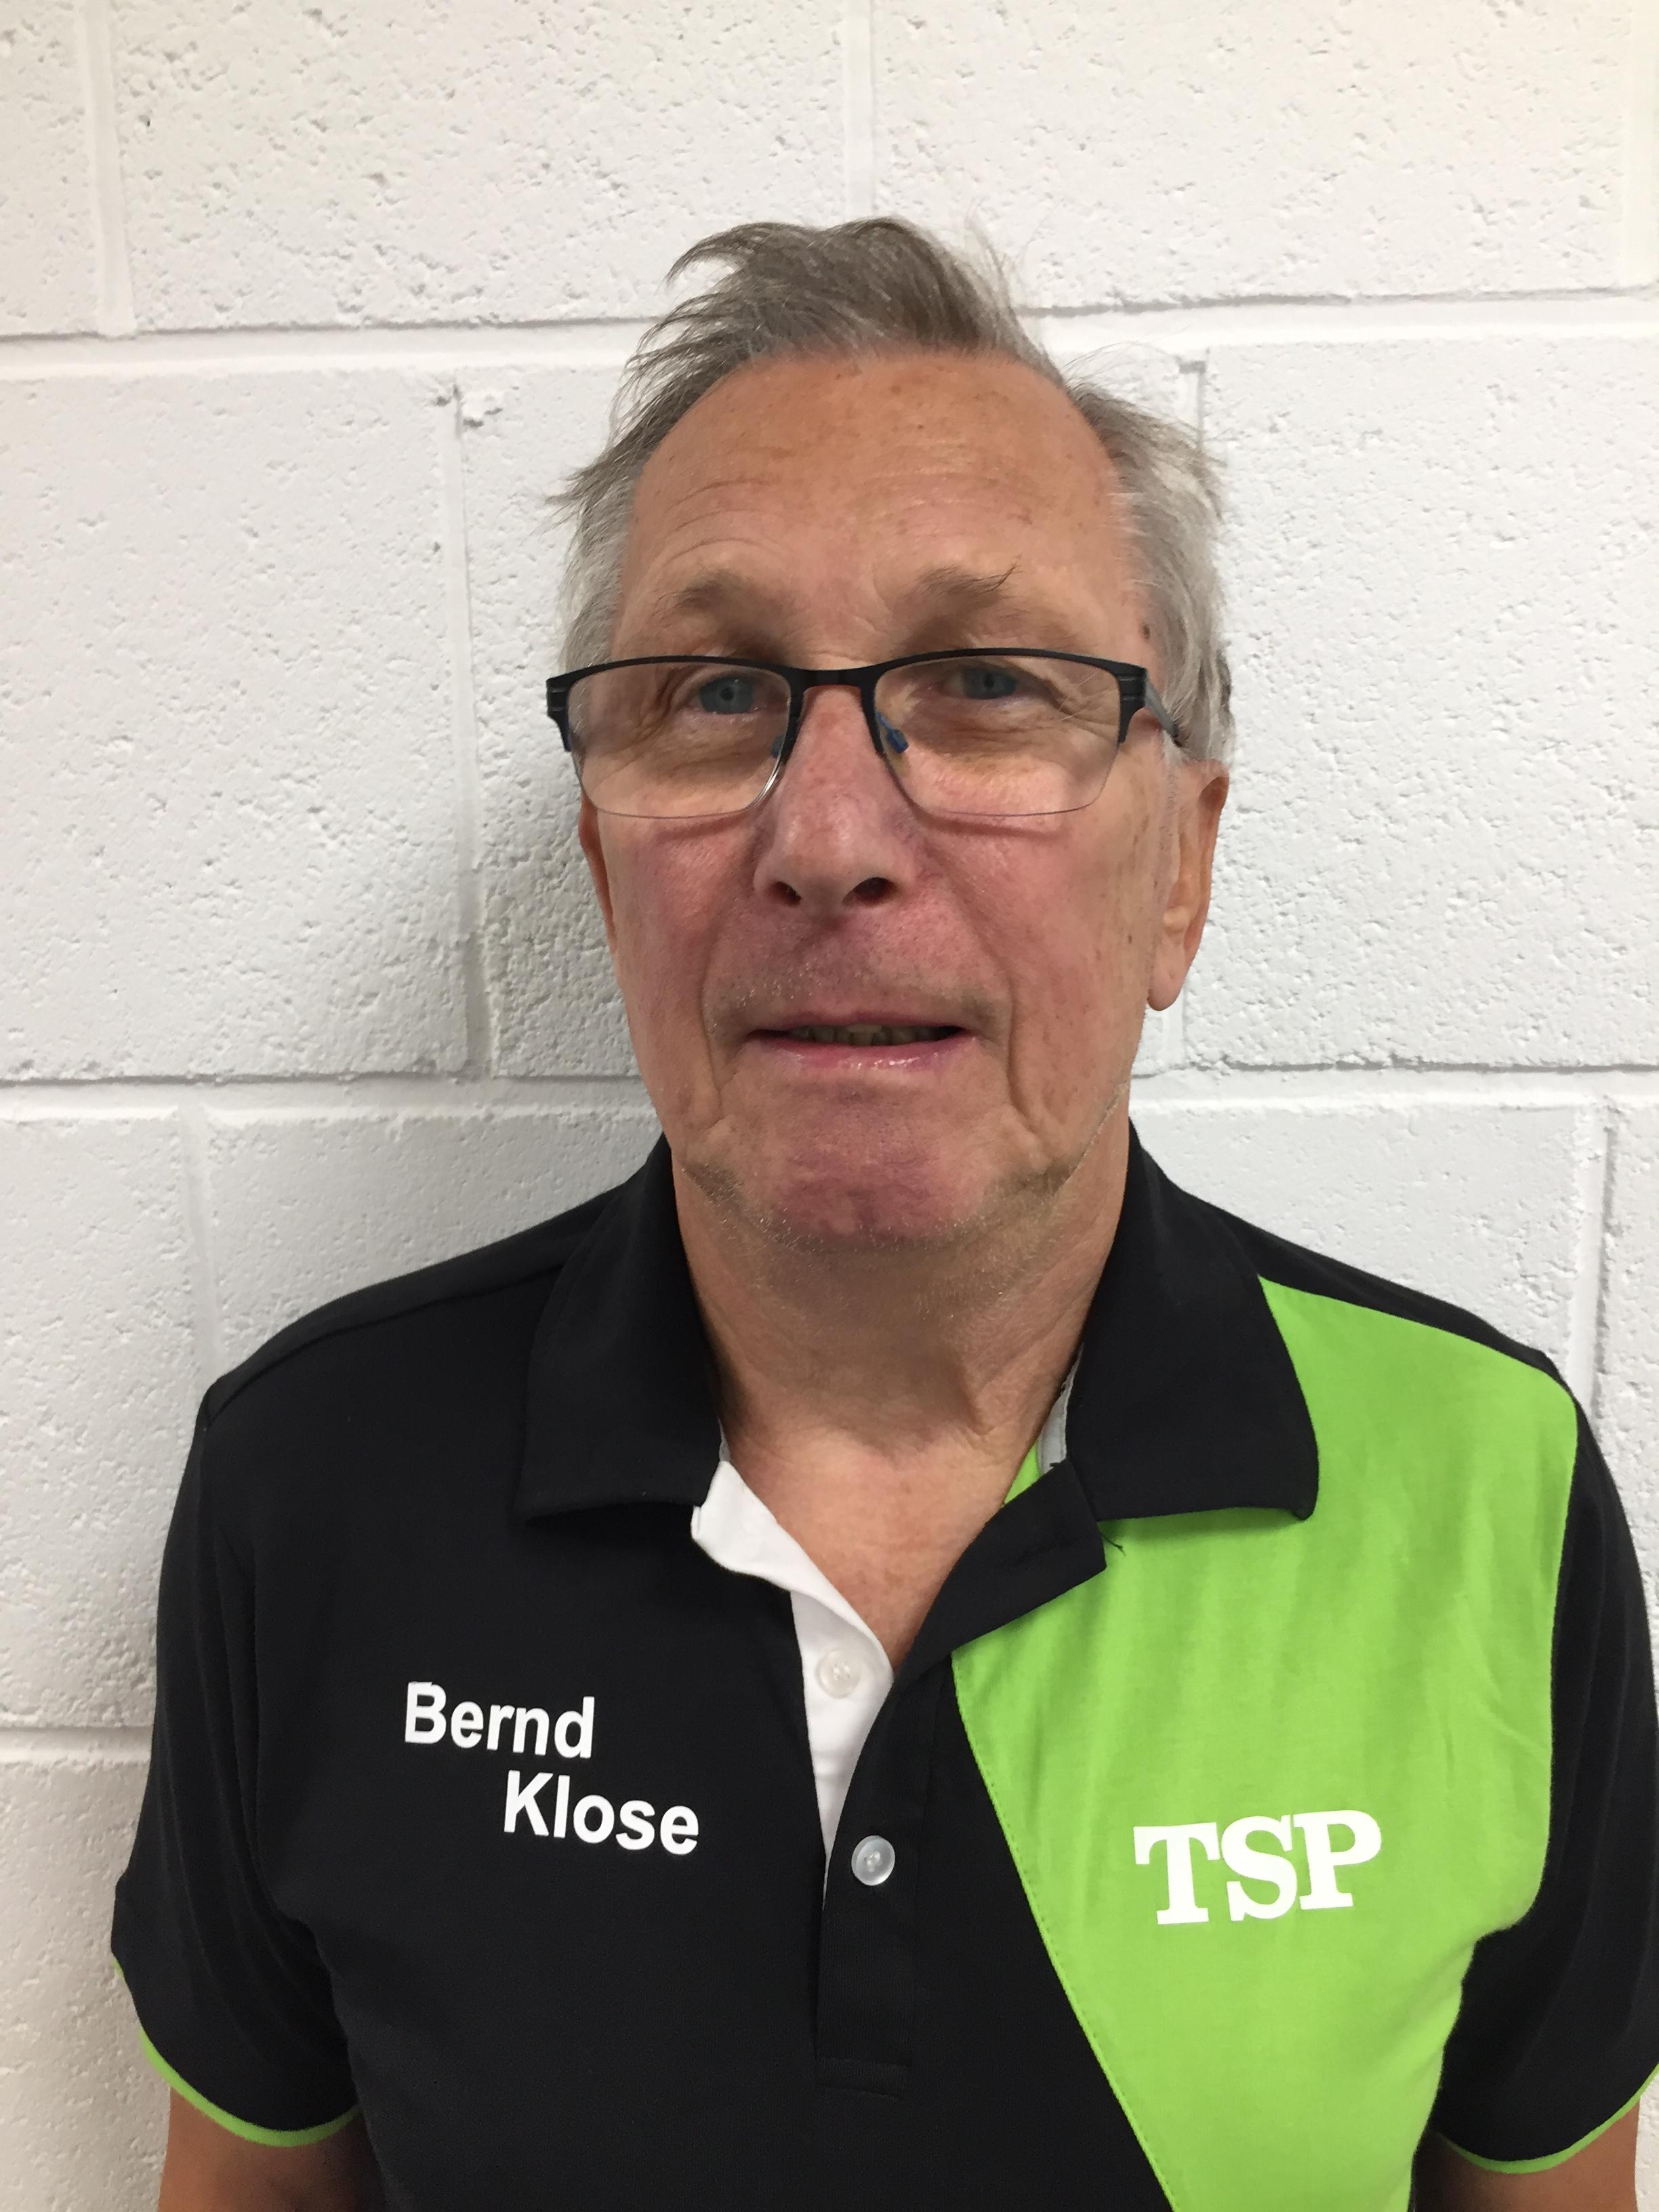 Bernd Klose